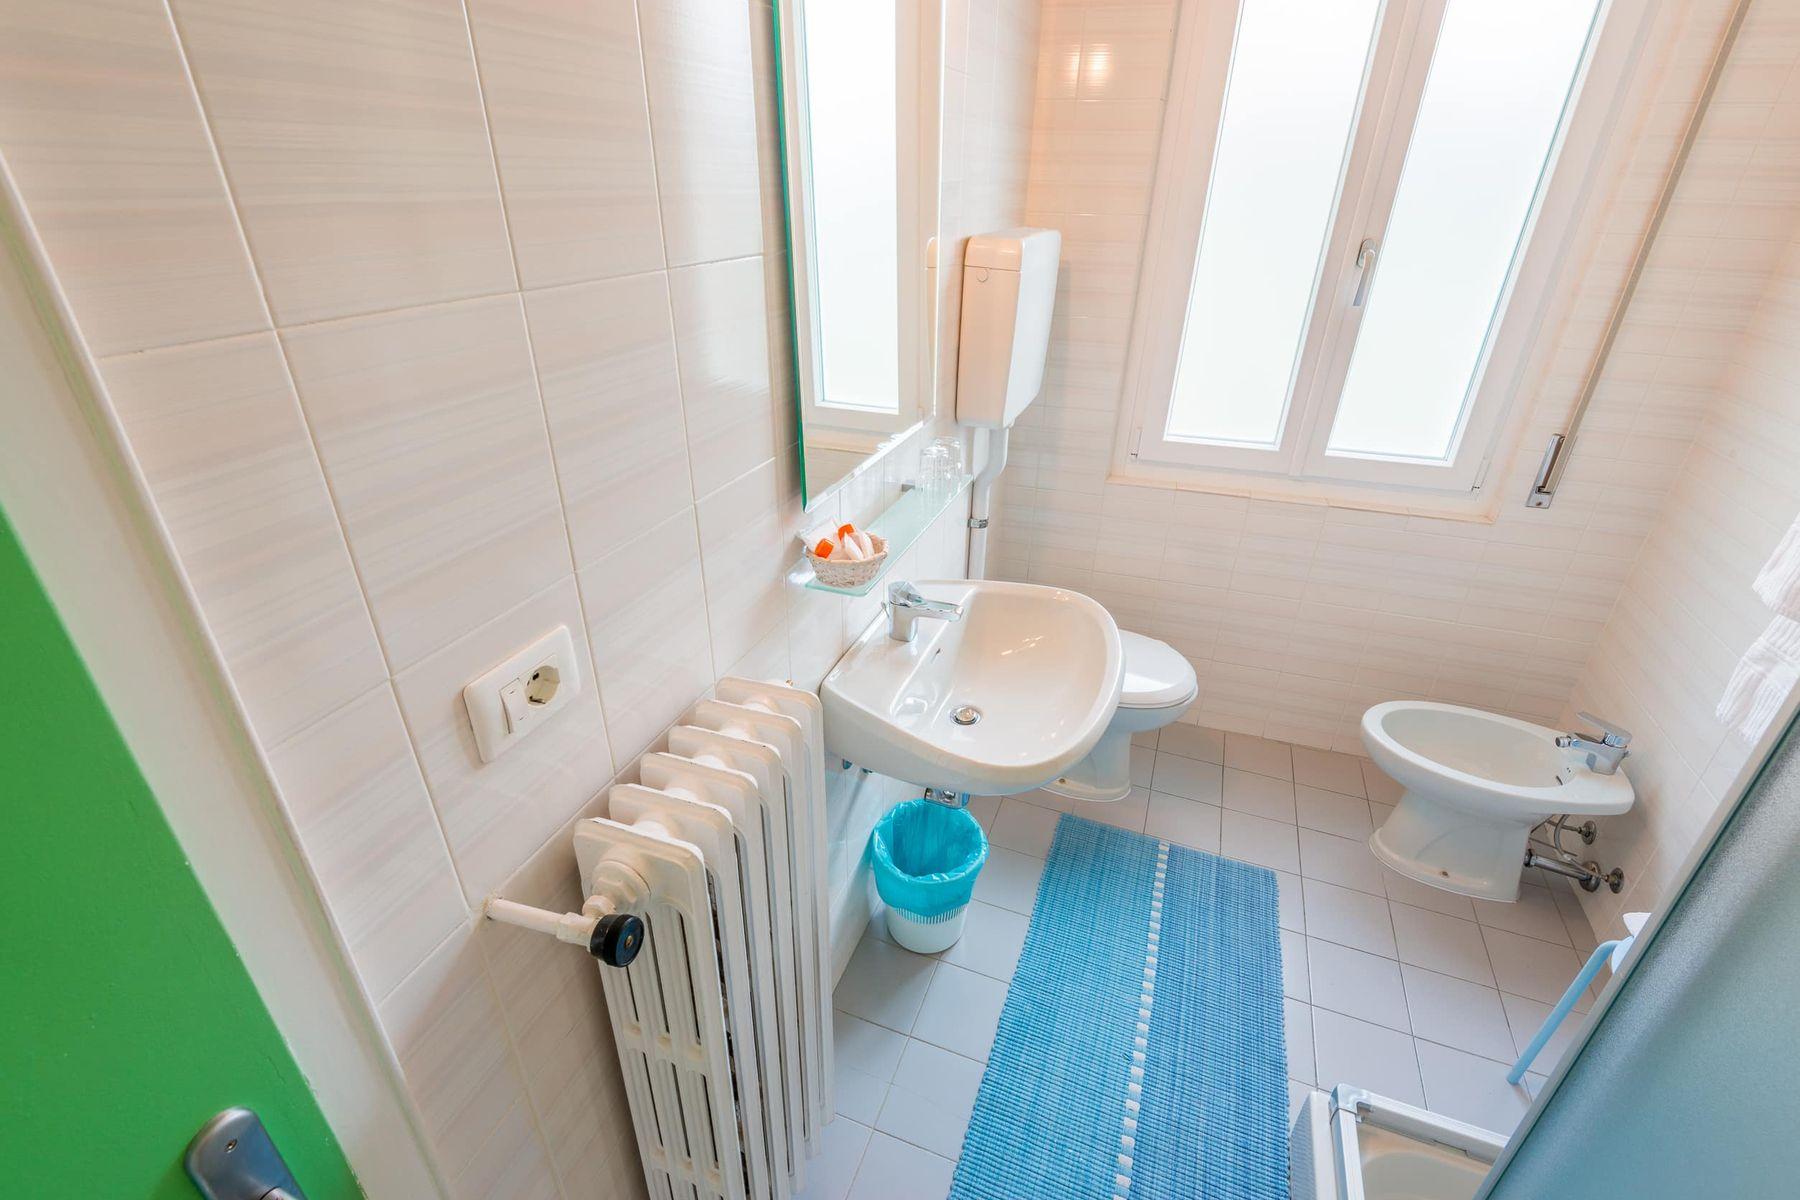 Nhà vệ sinh hiện đại có nên tách toilet và nhà tắm ra riêng